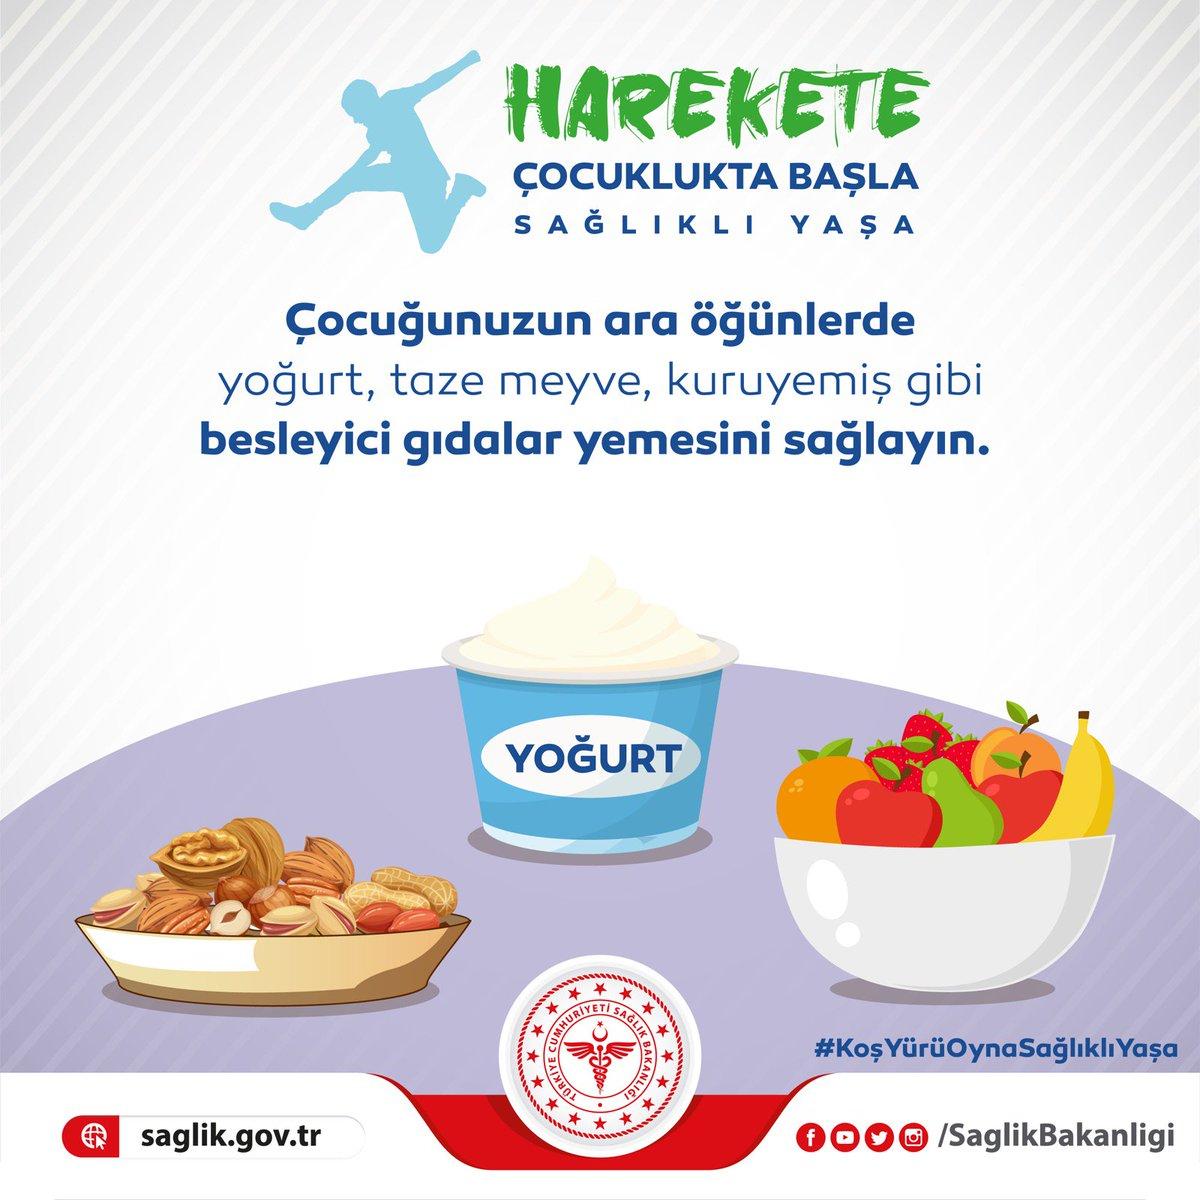 Çocuğunuzun ara öğünlerde yoğurt, taze meyve, kuruyemiş gibi besleyici gıdalar yemesini sağlayın. #KoşYürüOynaSağlıklıYaşa